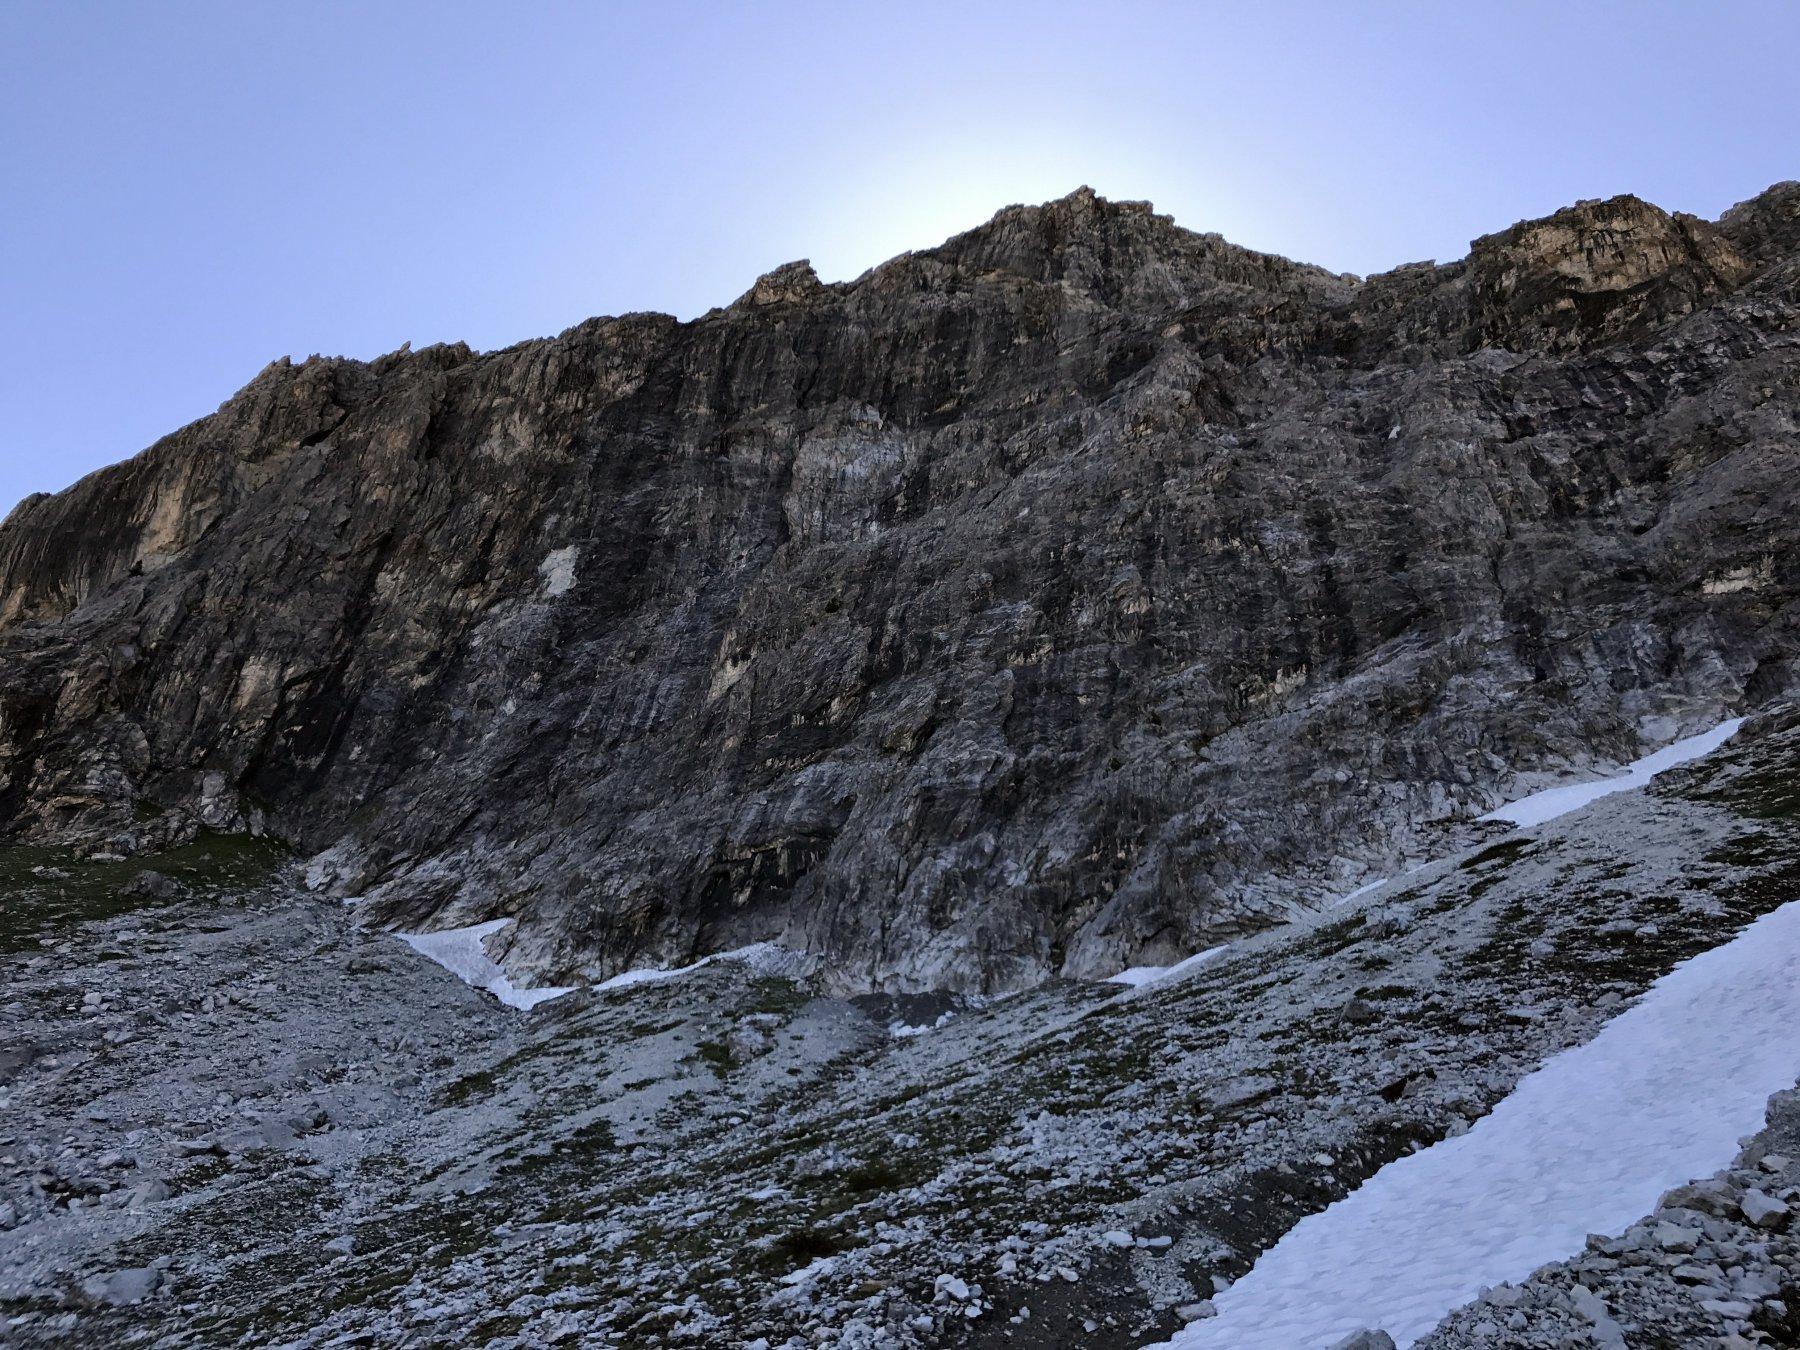 La parete. Monte Furgon